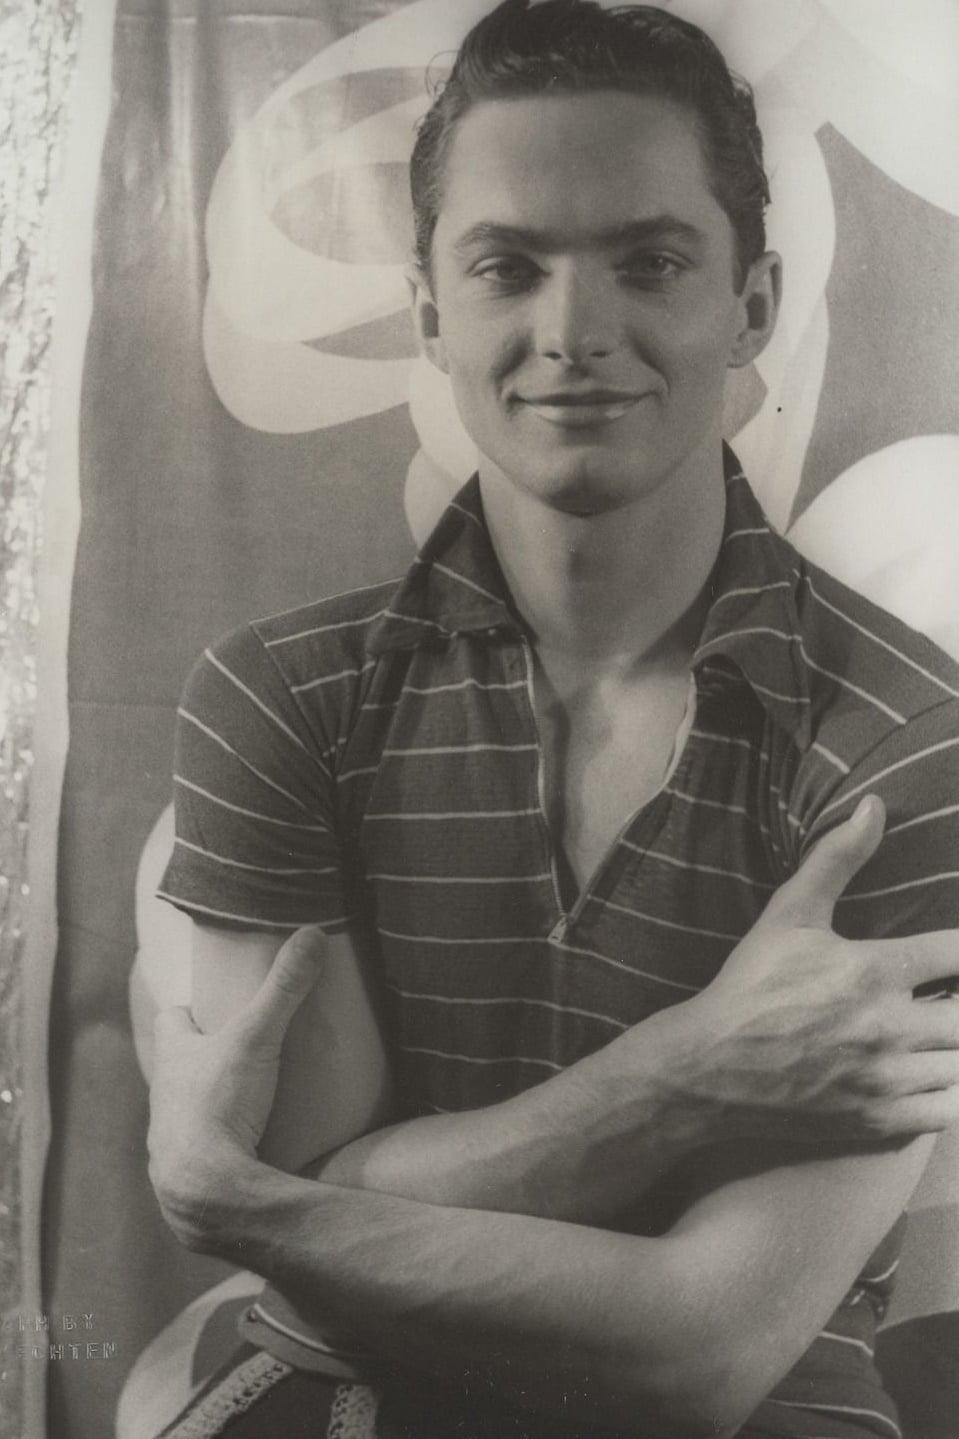 George Zoritch